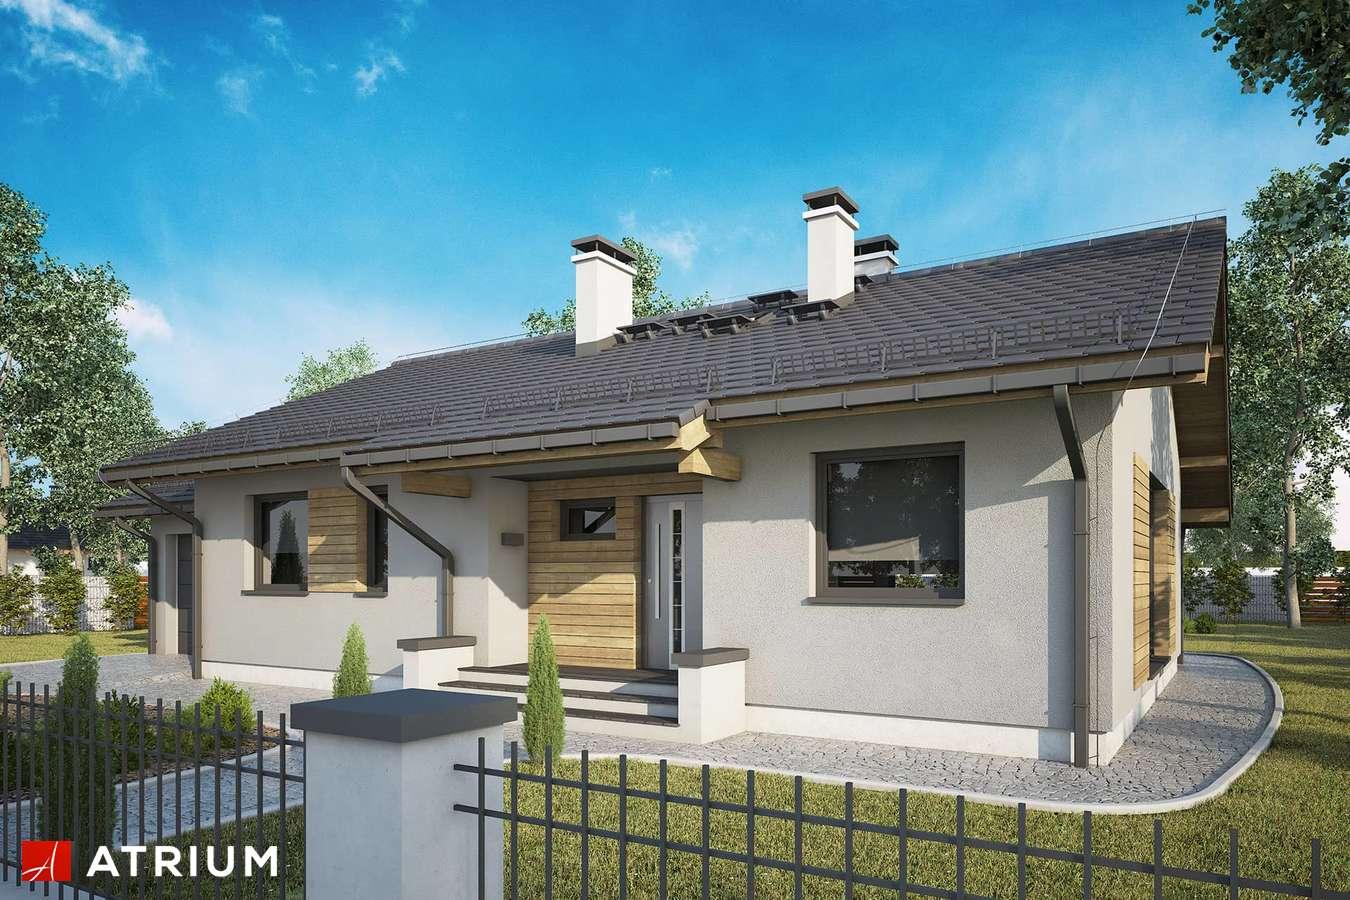 Projekty domów - Projekt domu parterowego NEO III - wizualizacja 2